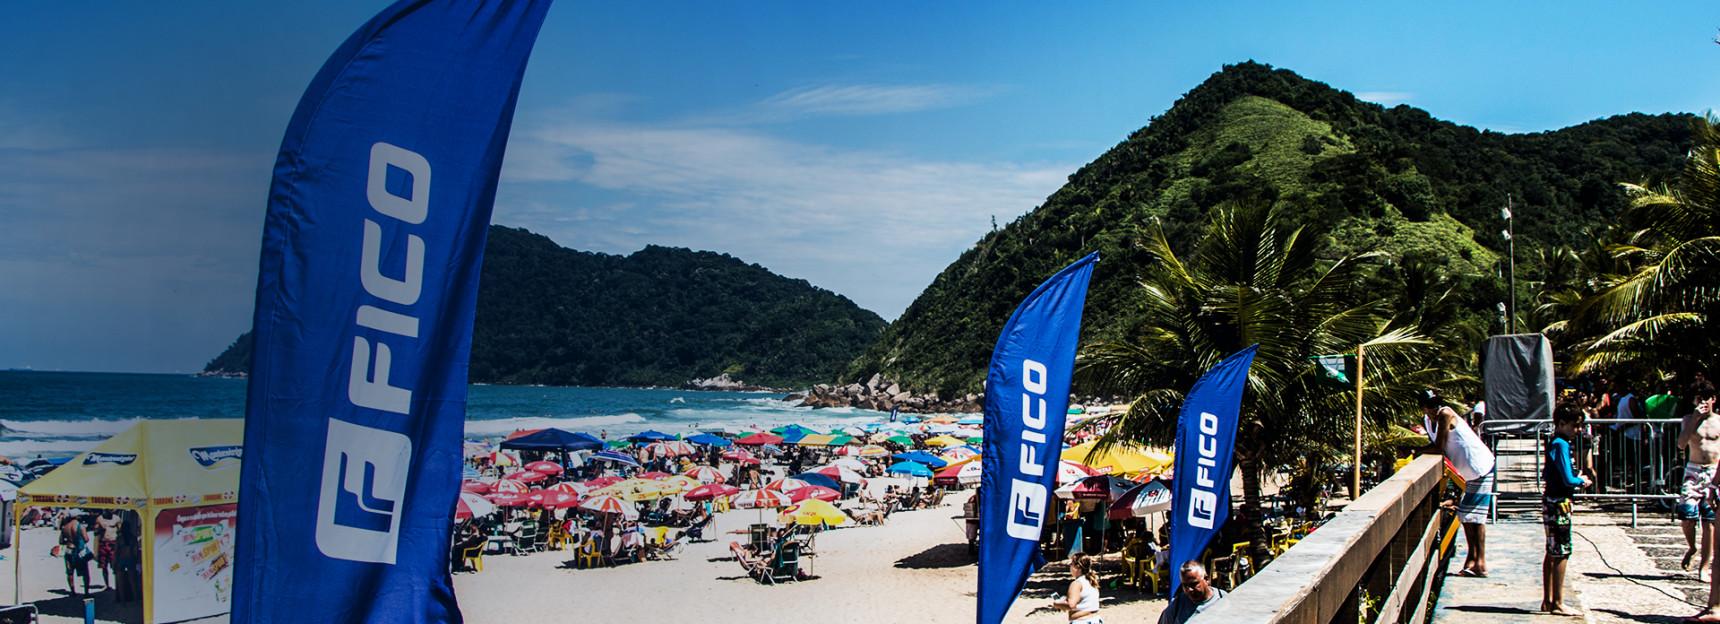 Campeões do > FICO Surf Festival